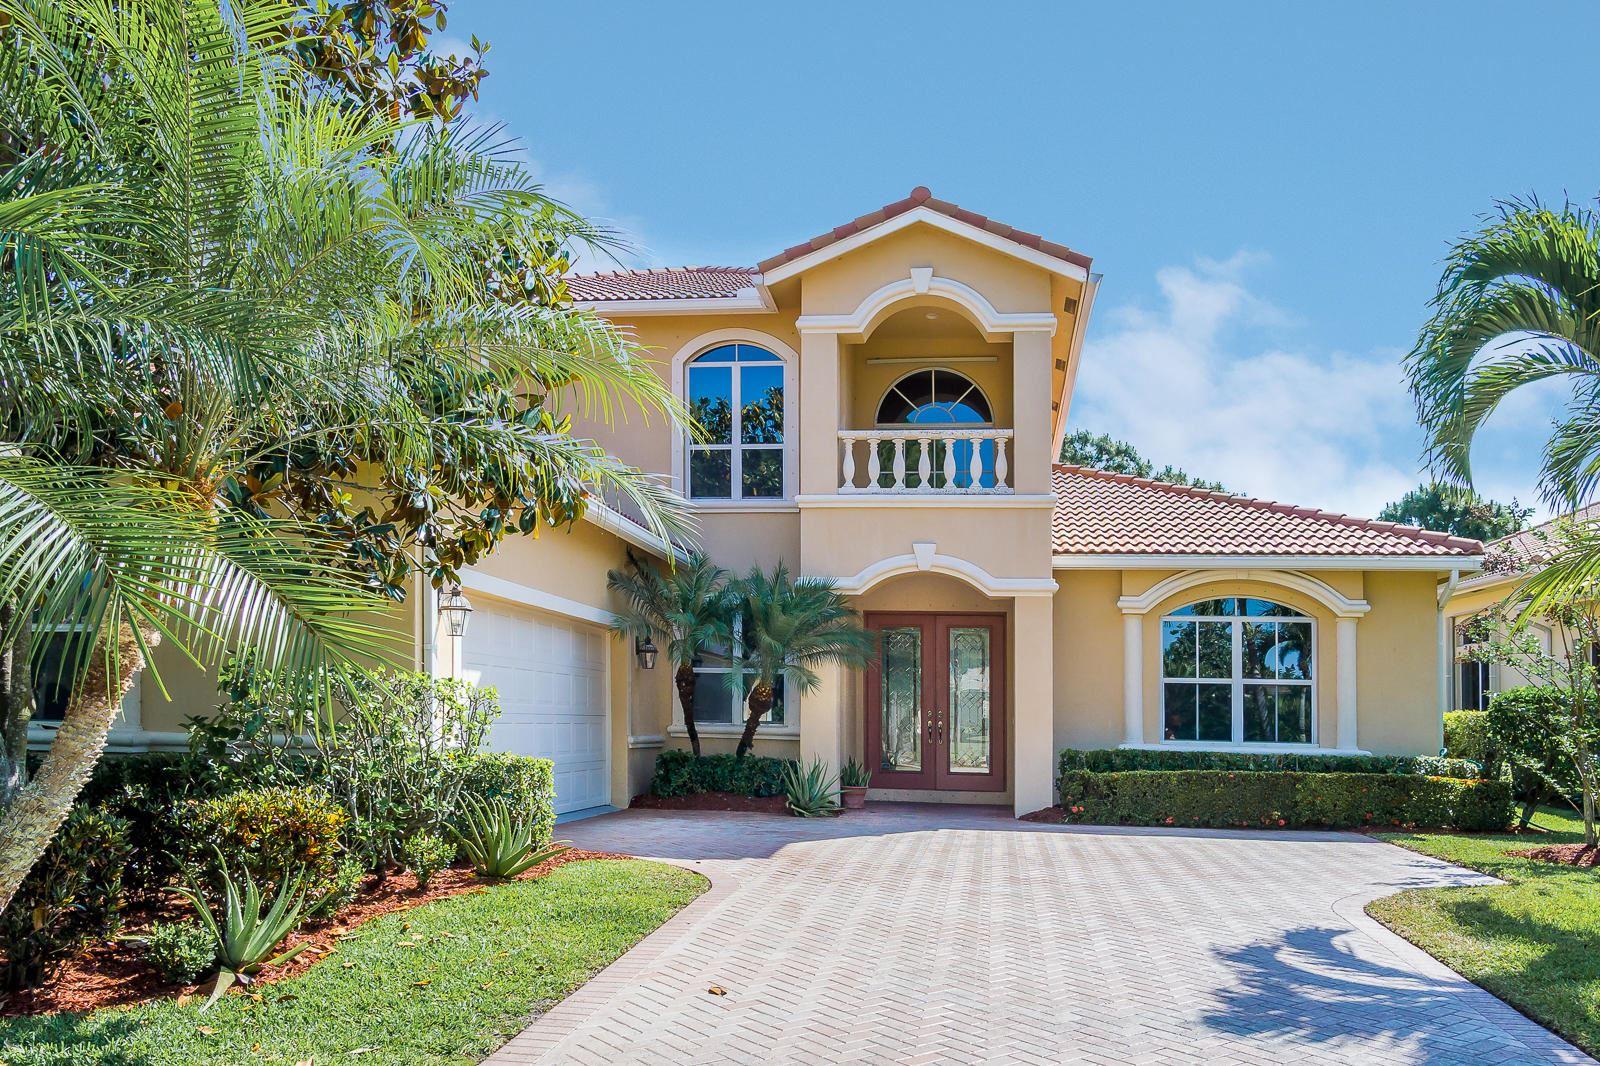 8630 Tompson Point, Port Saint Lucie, FL 34986 - #: RX-10707550